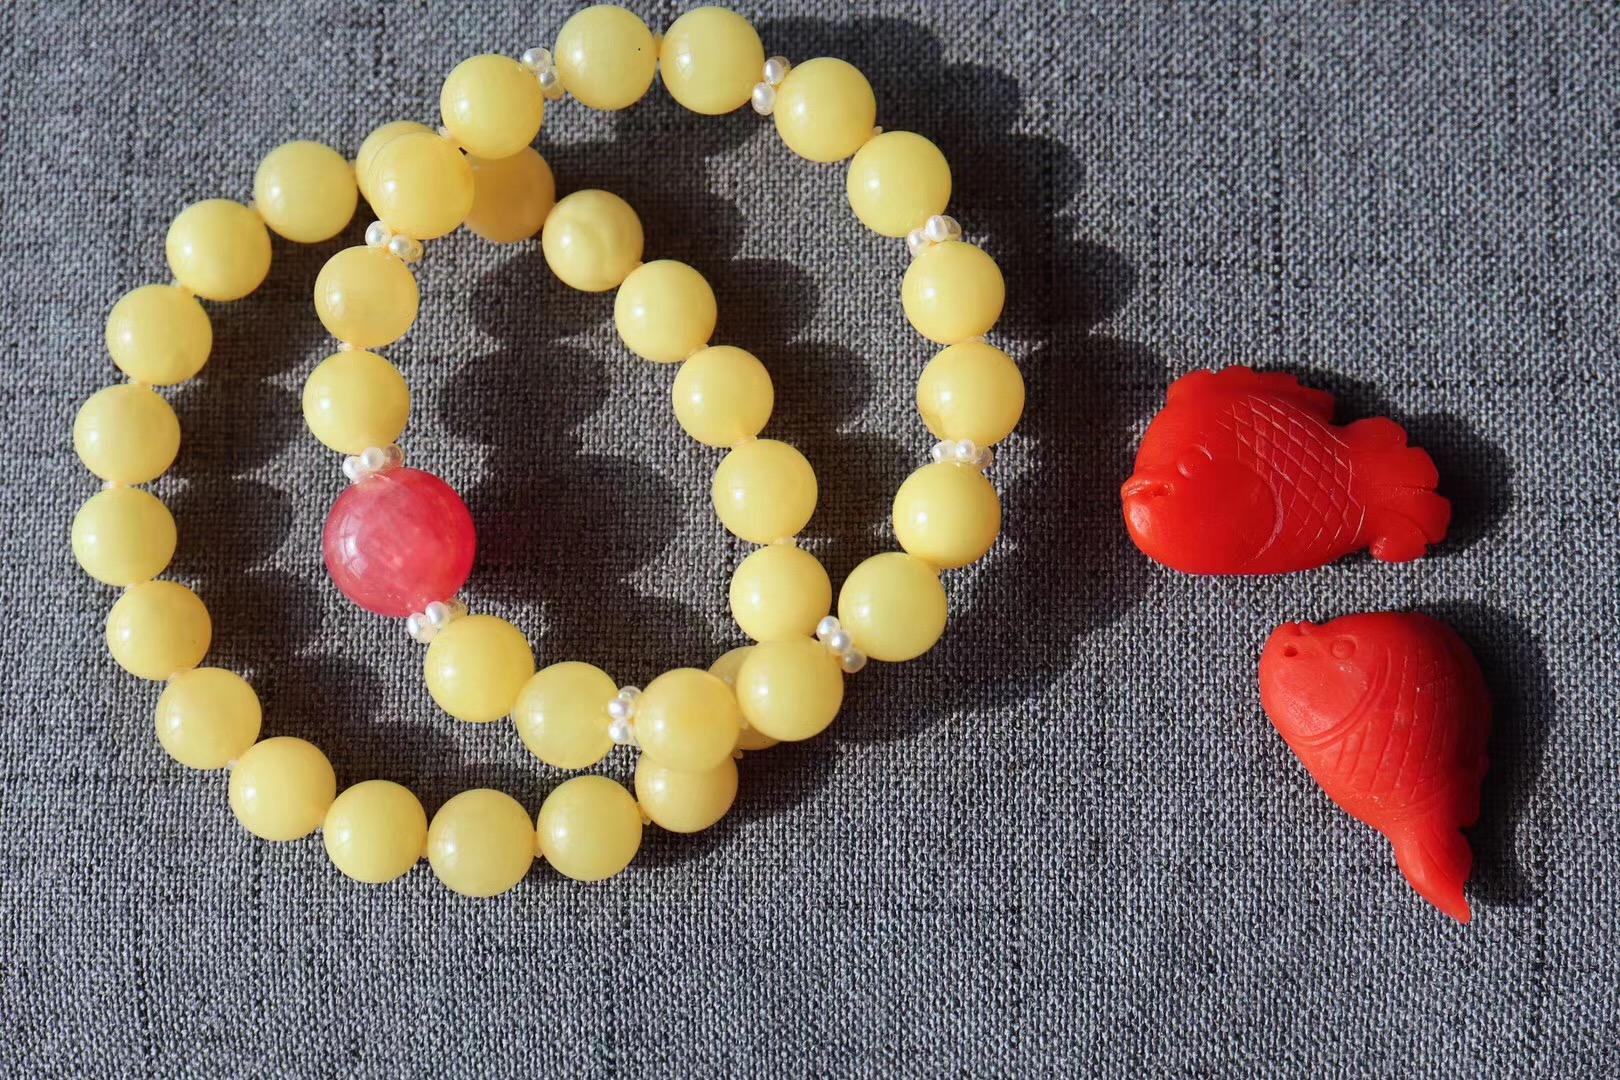 【蜜蜡&红纹石】蜜蜡配珍珠和红纹石,真是温柔极了-菩心晶舍